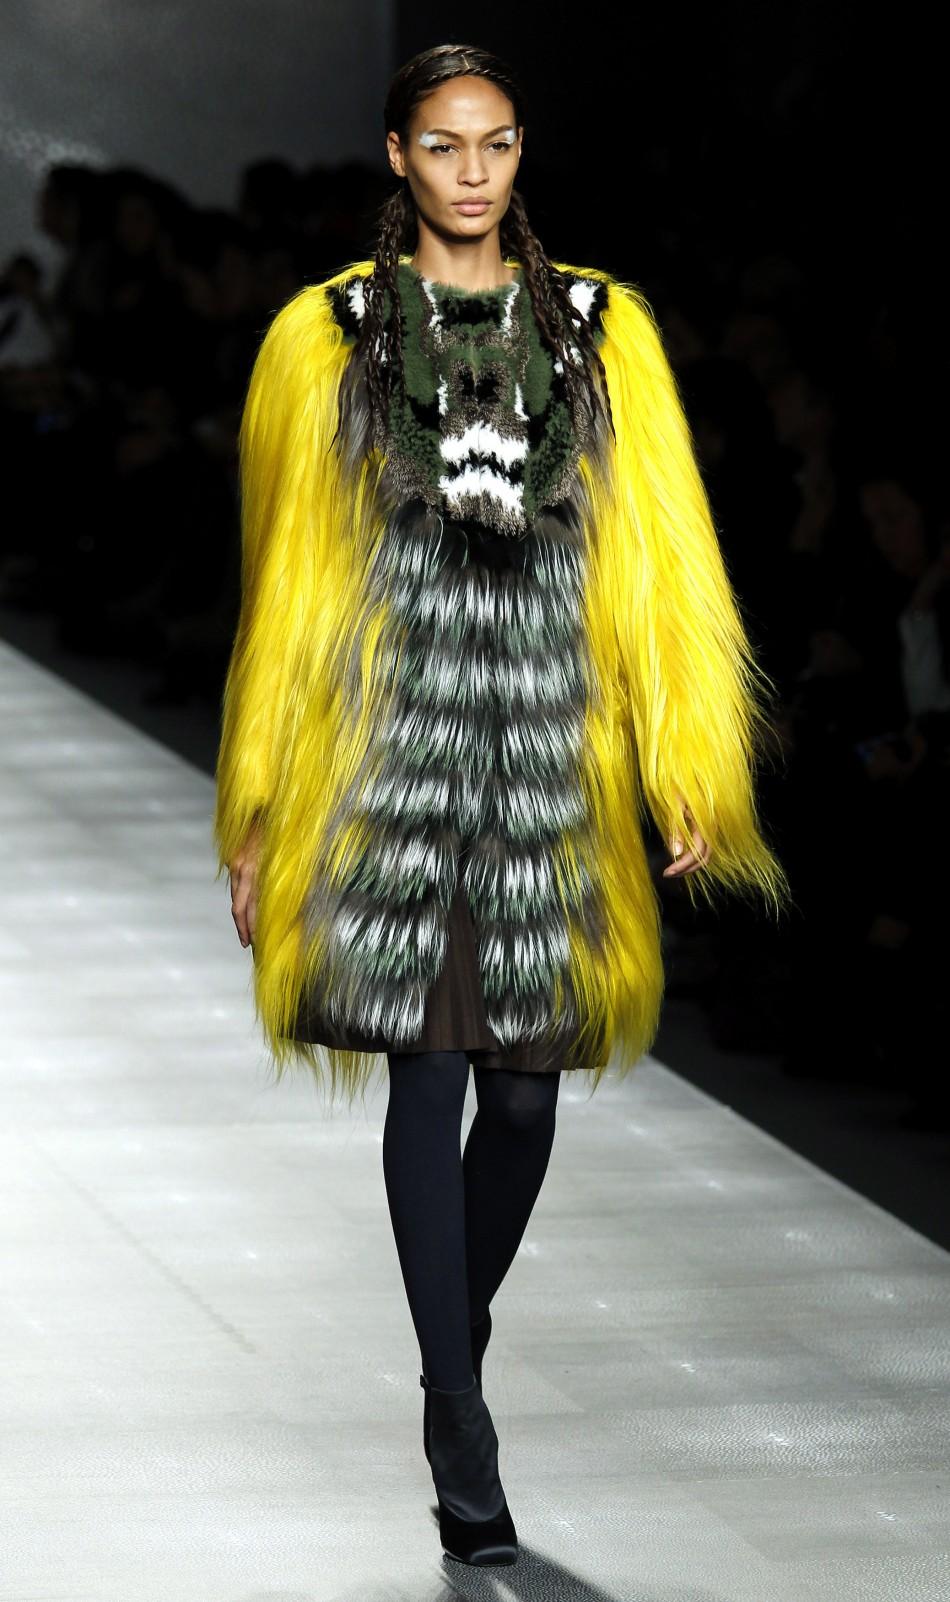 Fendi Furry 'Tribal Warrior Meets High Street' Looks at ... | 950 x 1602 jpeg 288kB